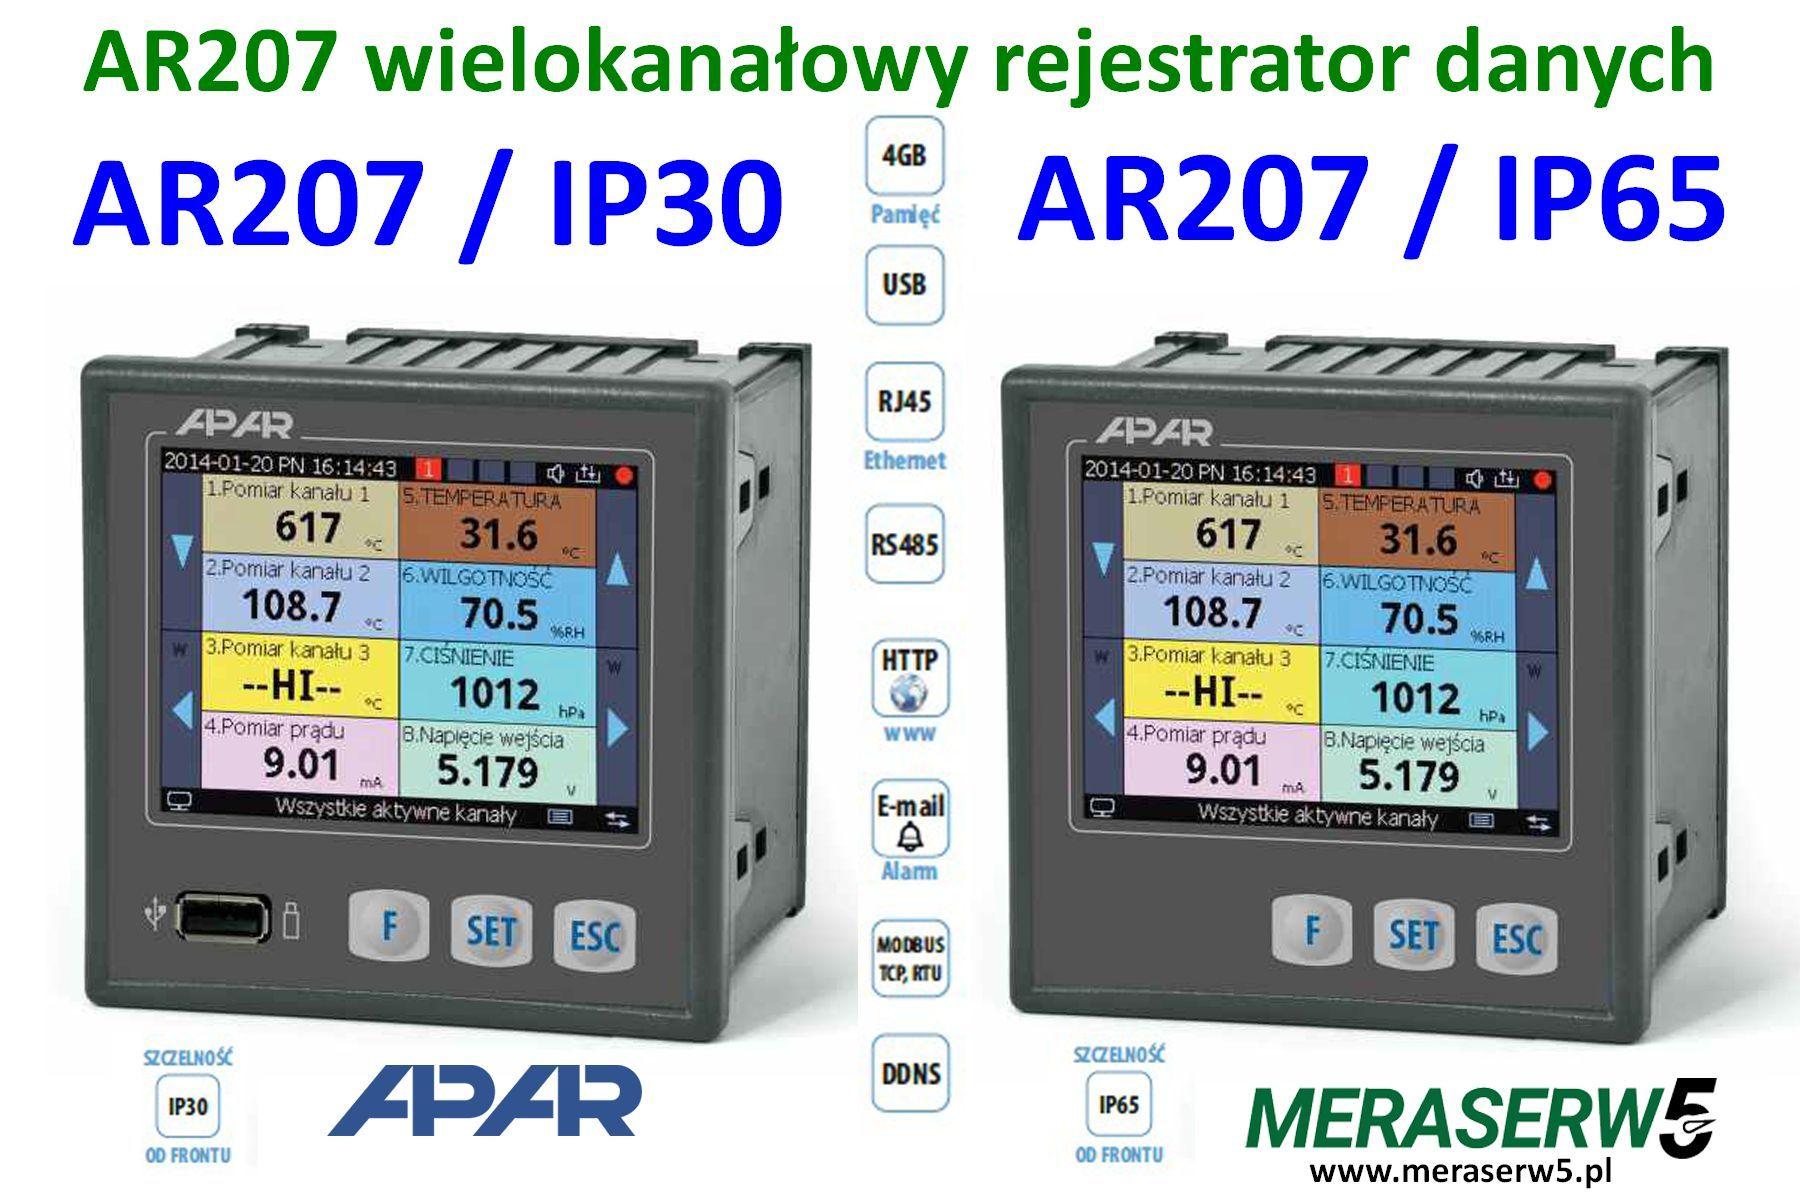 AR207 down